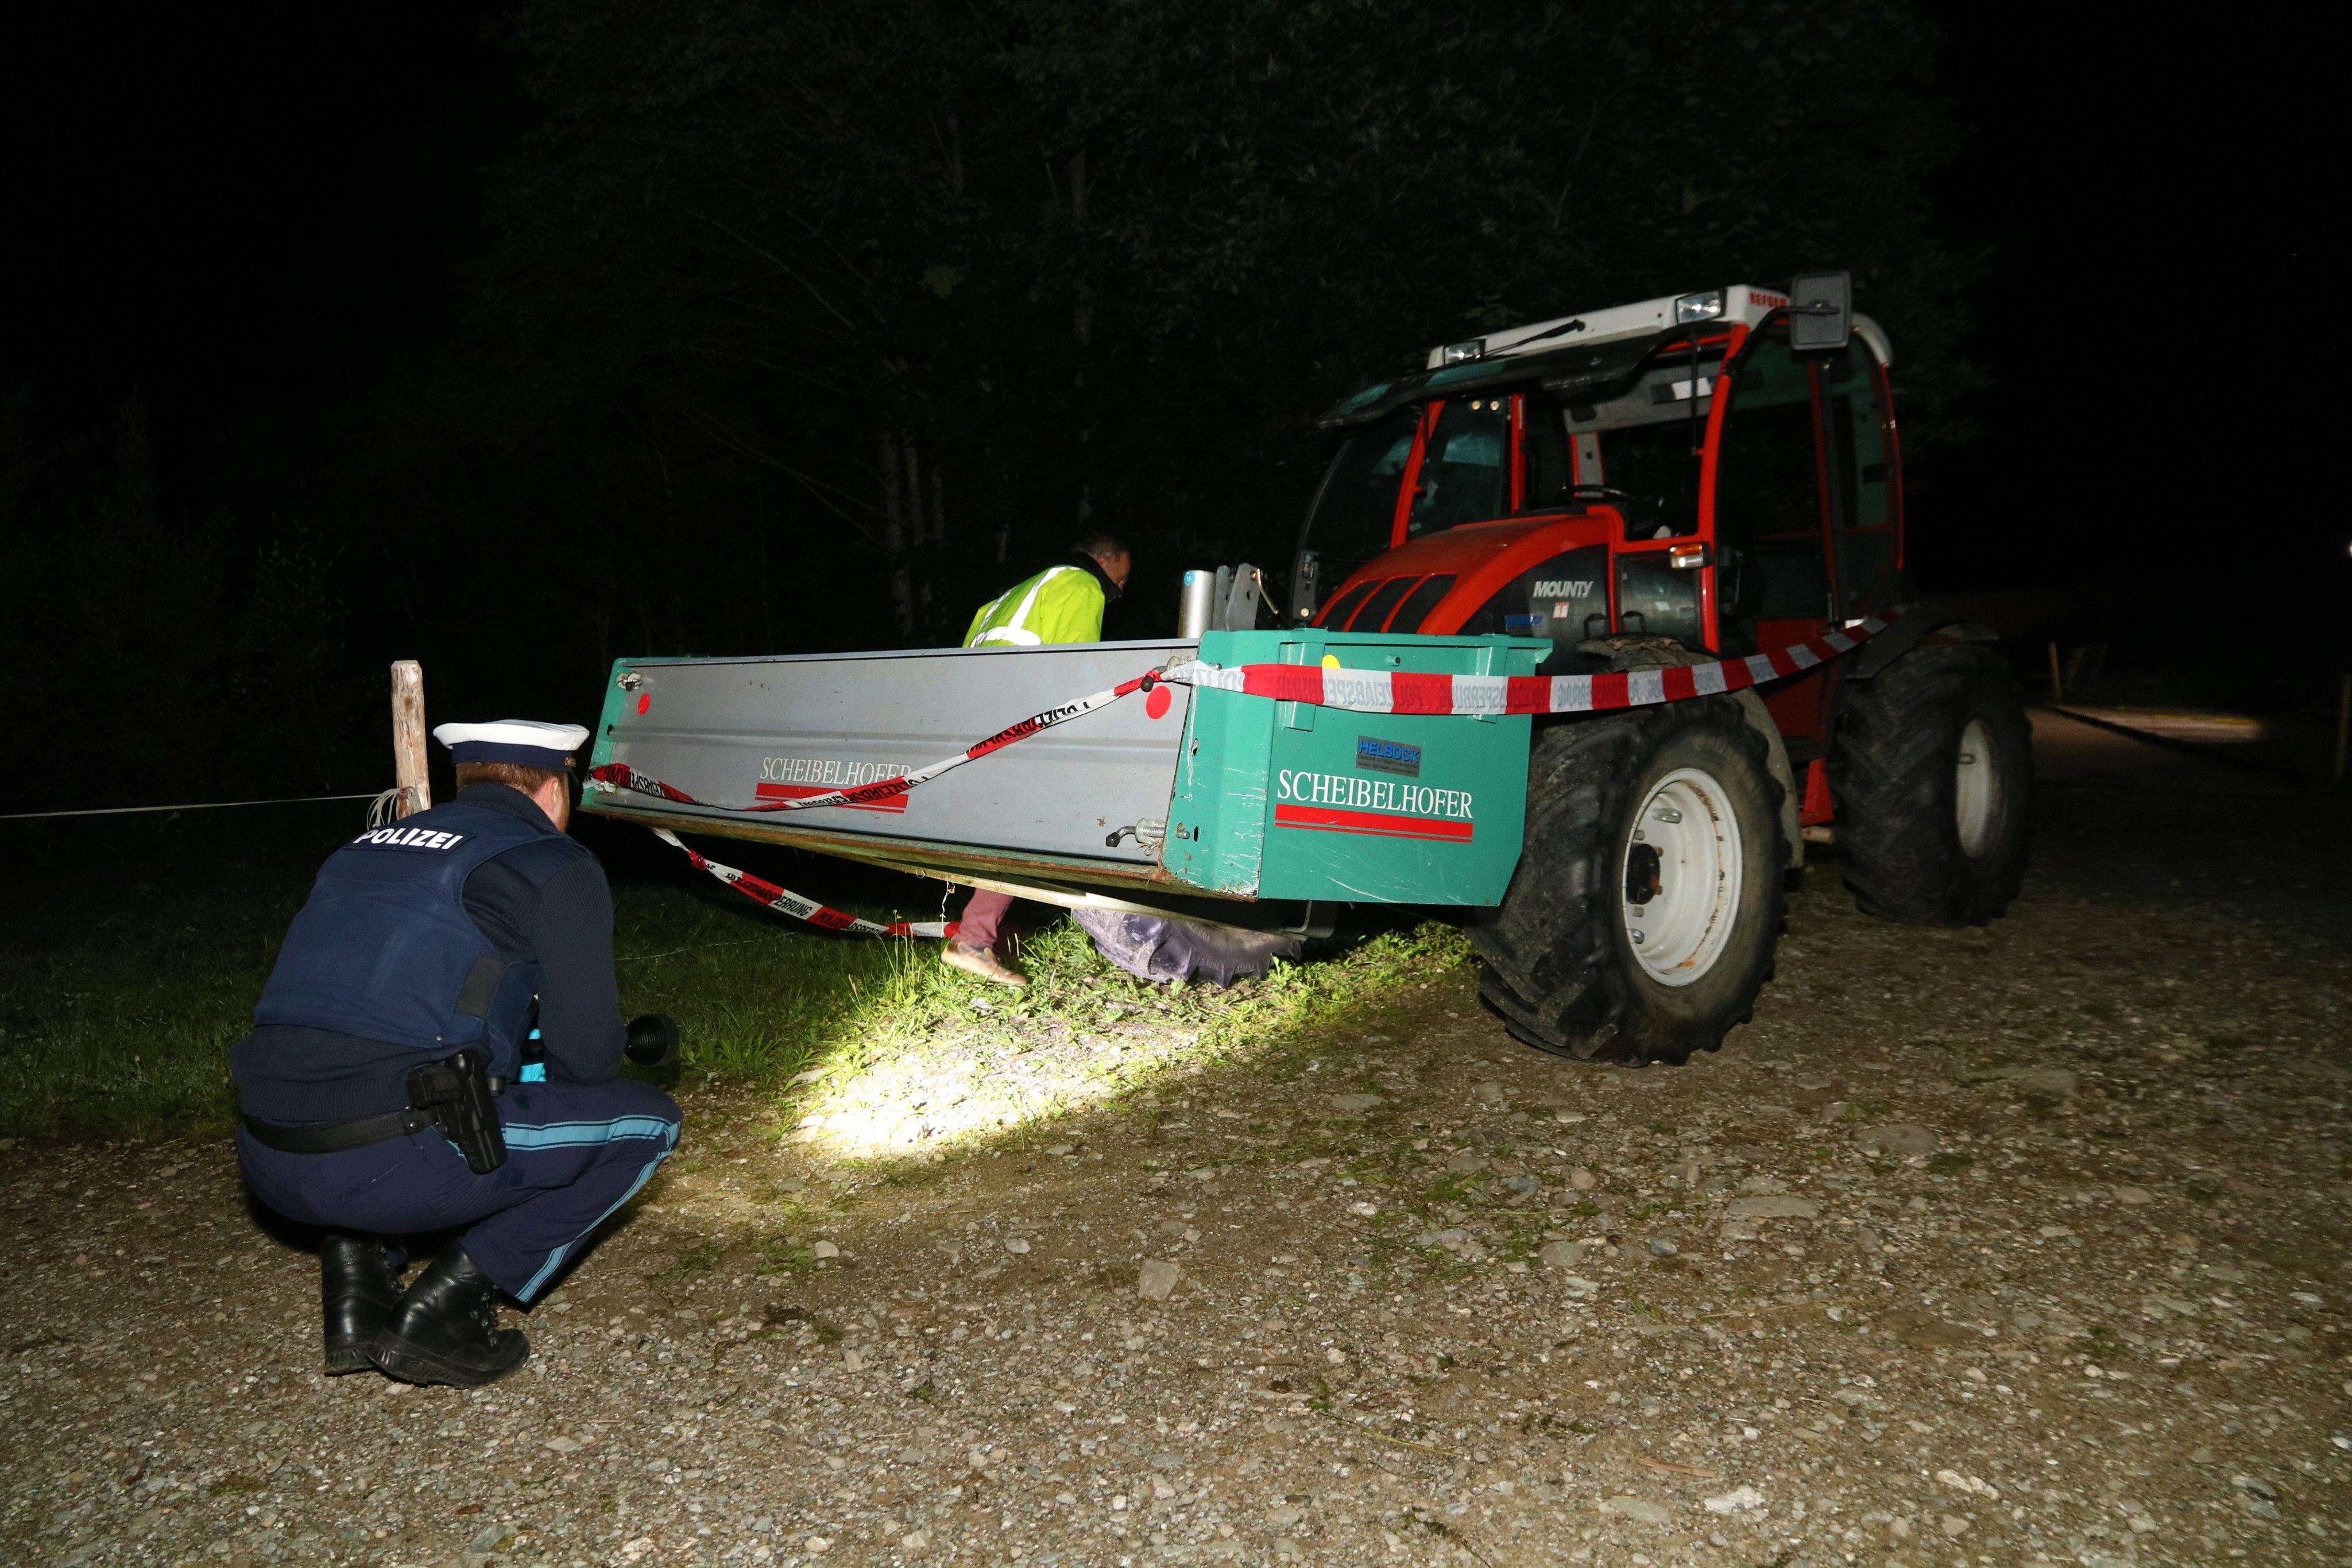 Der Schock sitzt tief - Einvernahmen nach Traktor-Tragödie noch nicht möglich